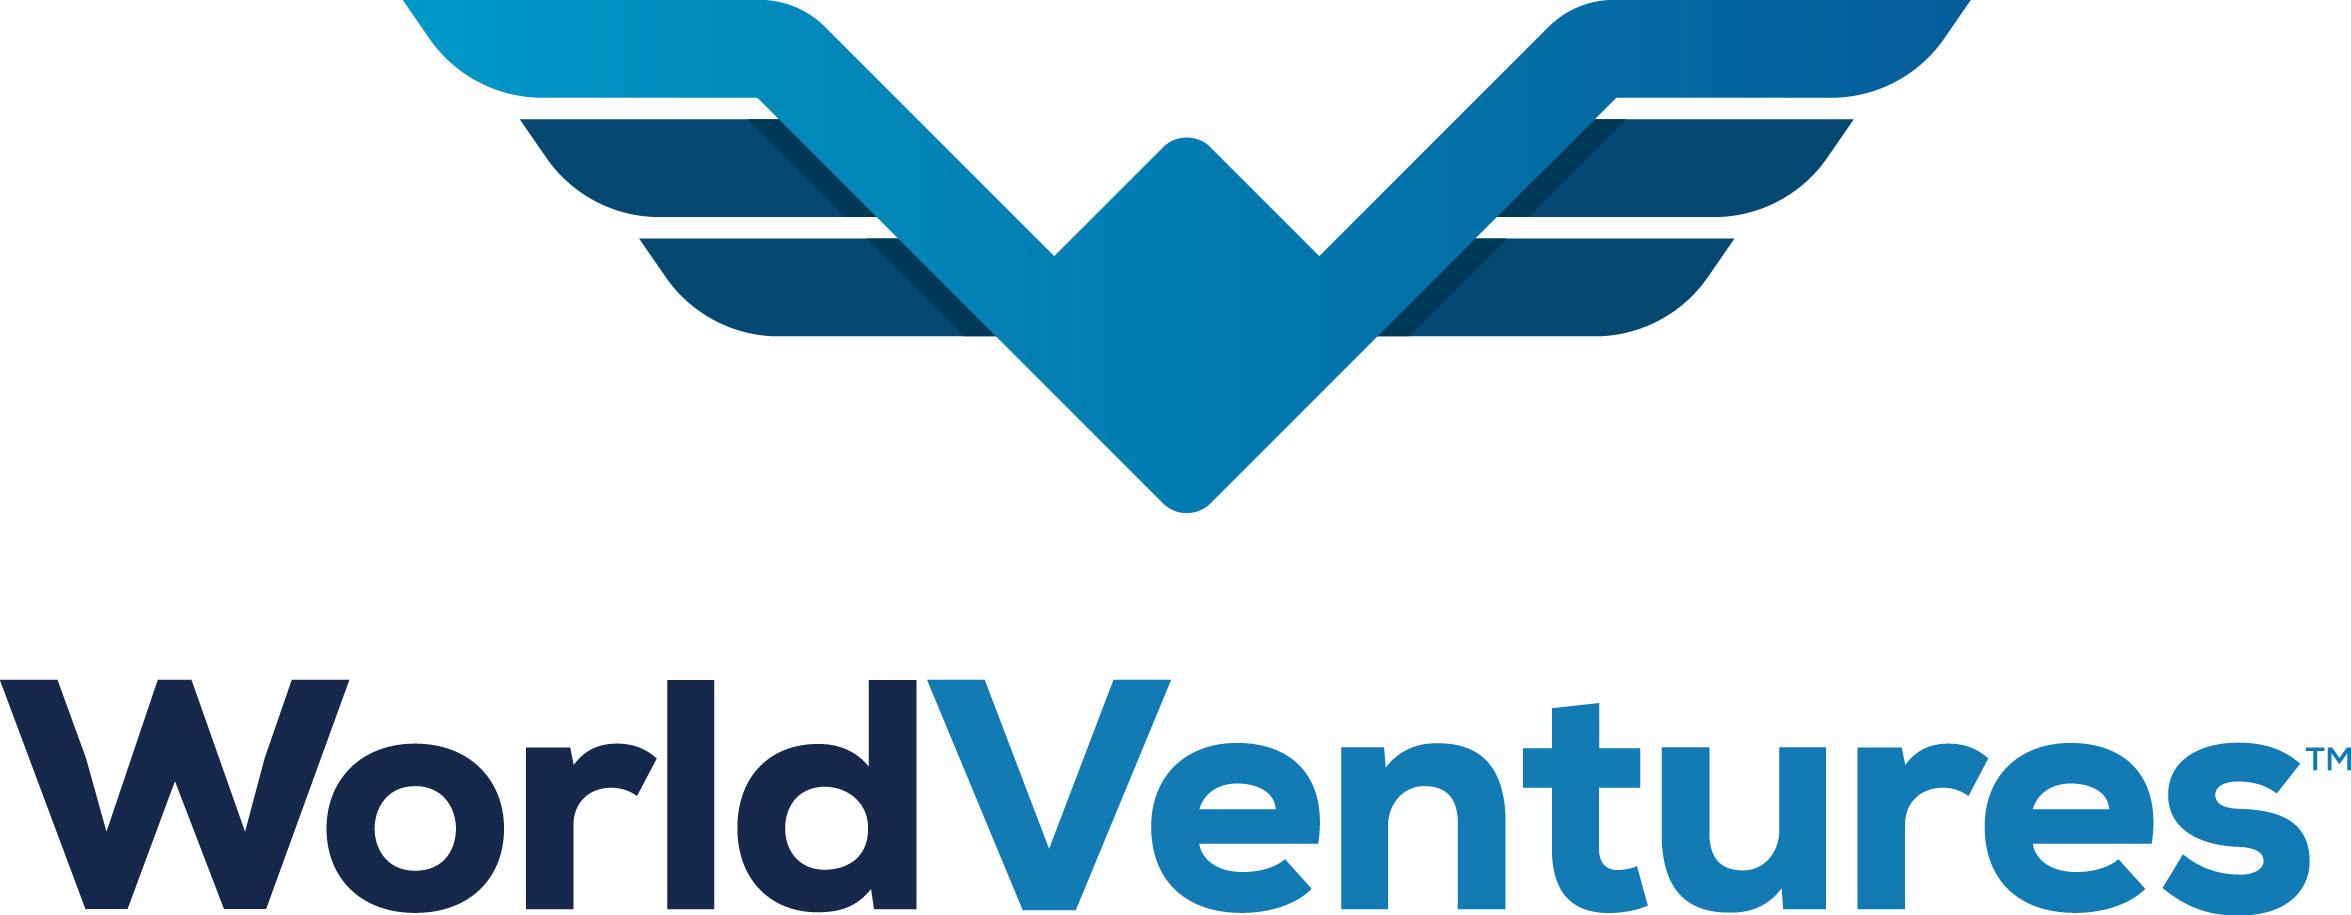 WorldVentures Logo 2